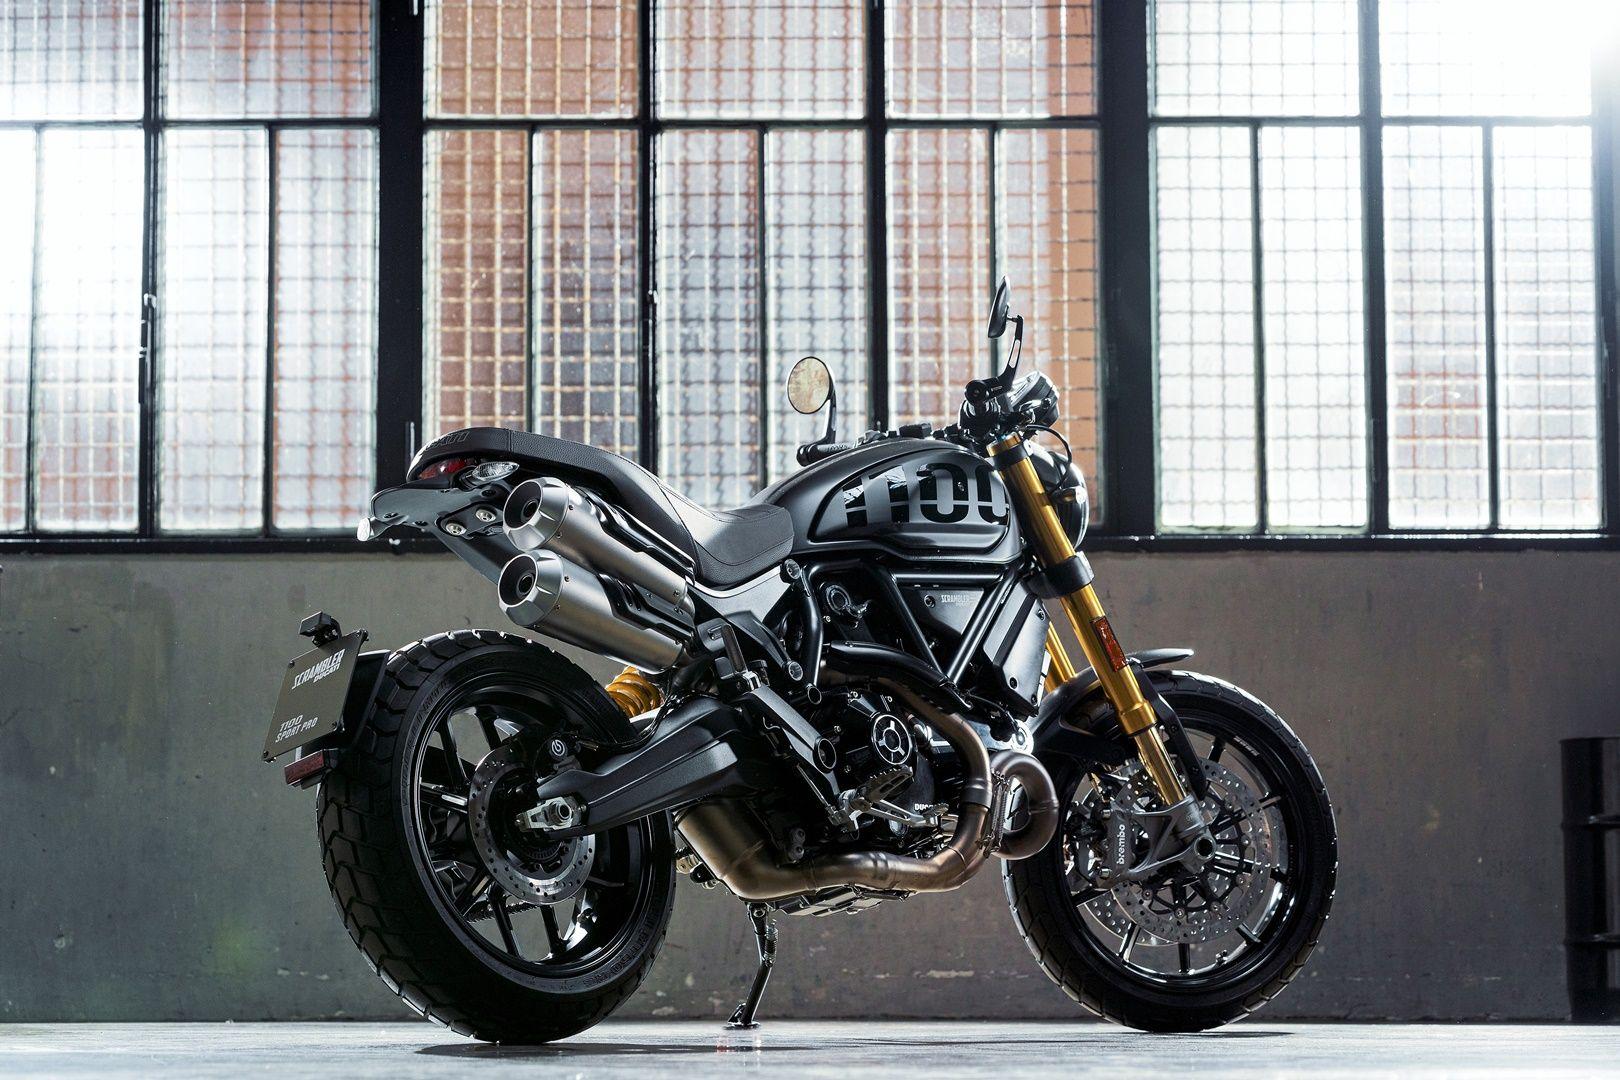 Desveladas las nuevas Ducati Scrambler 1100 PRO y 1100 Sport PRO